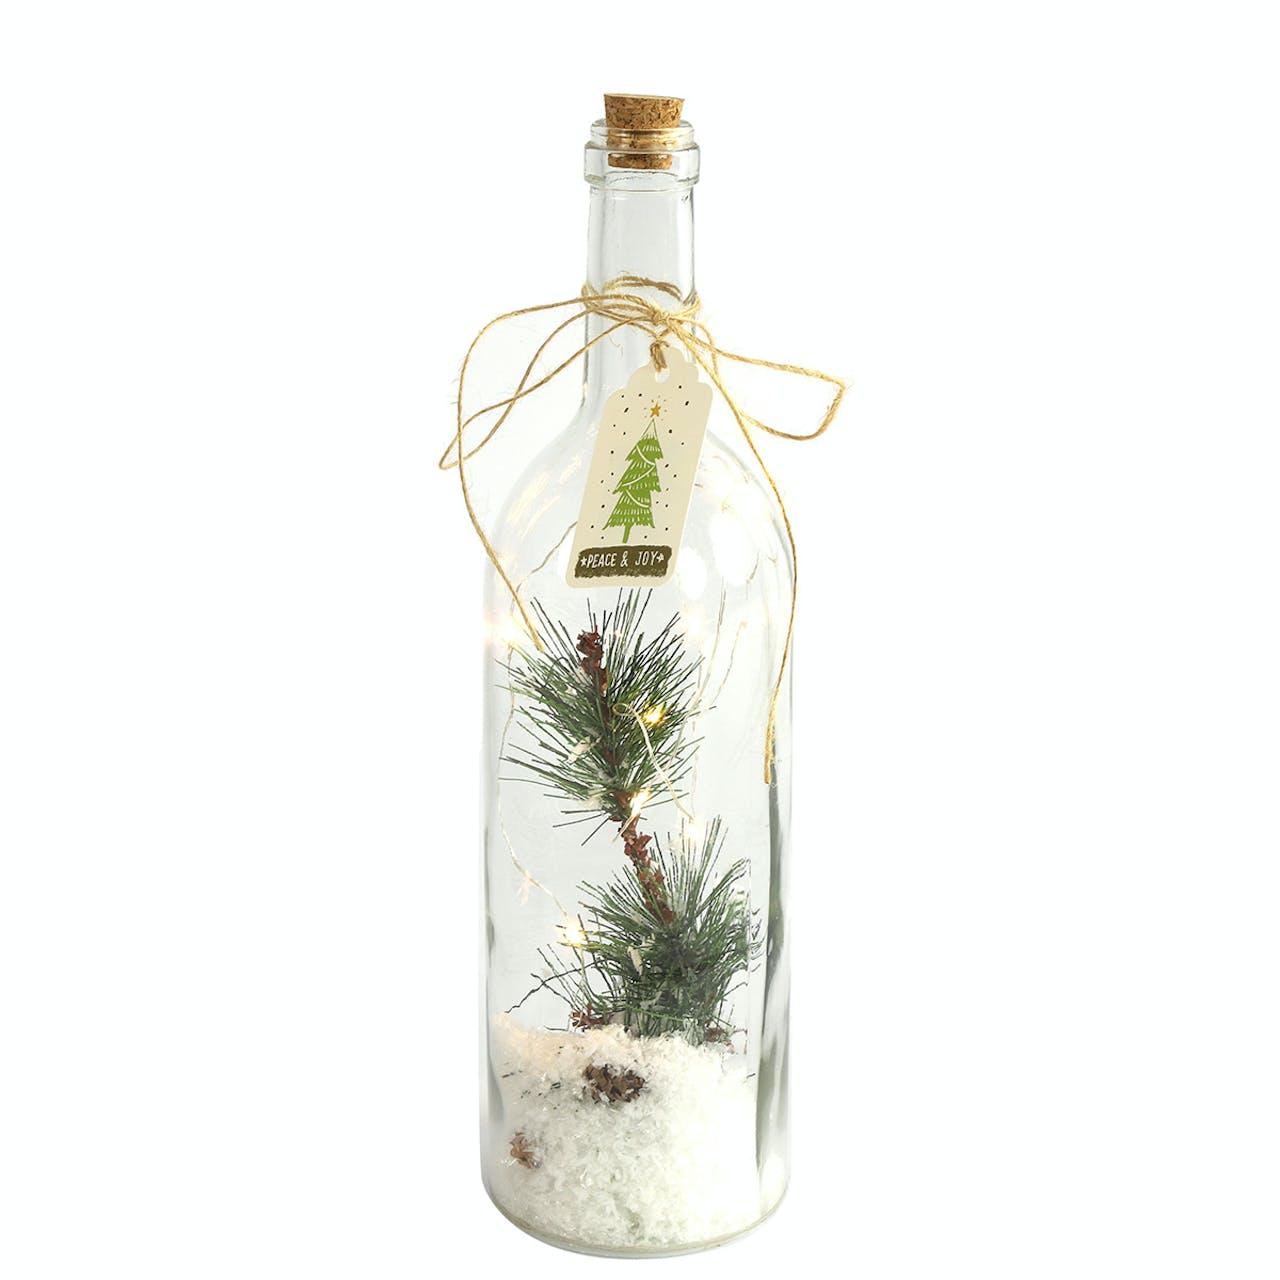 LED Medium Glass Bottle with Greenery